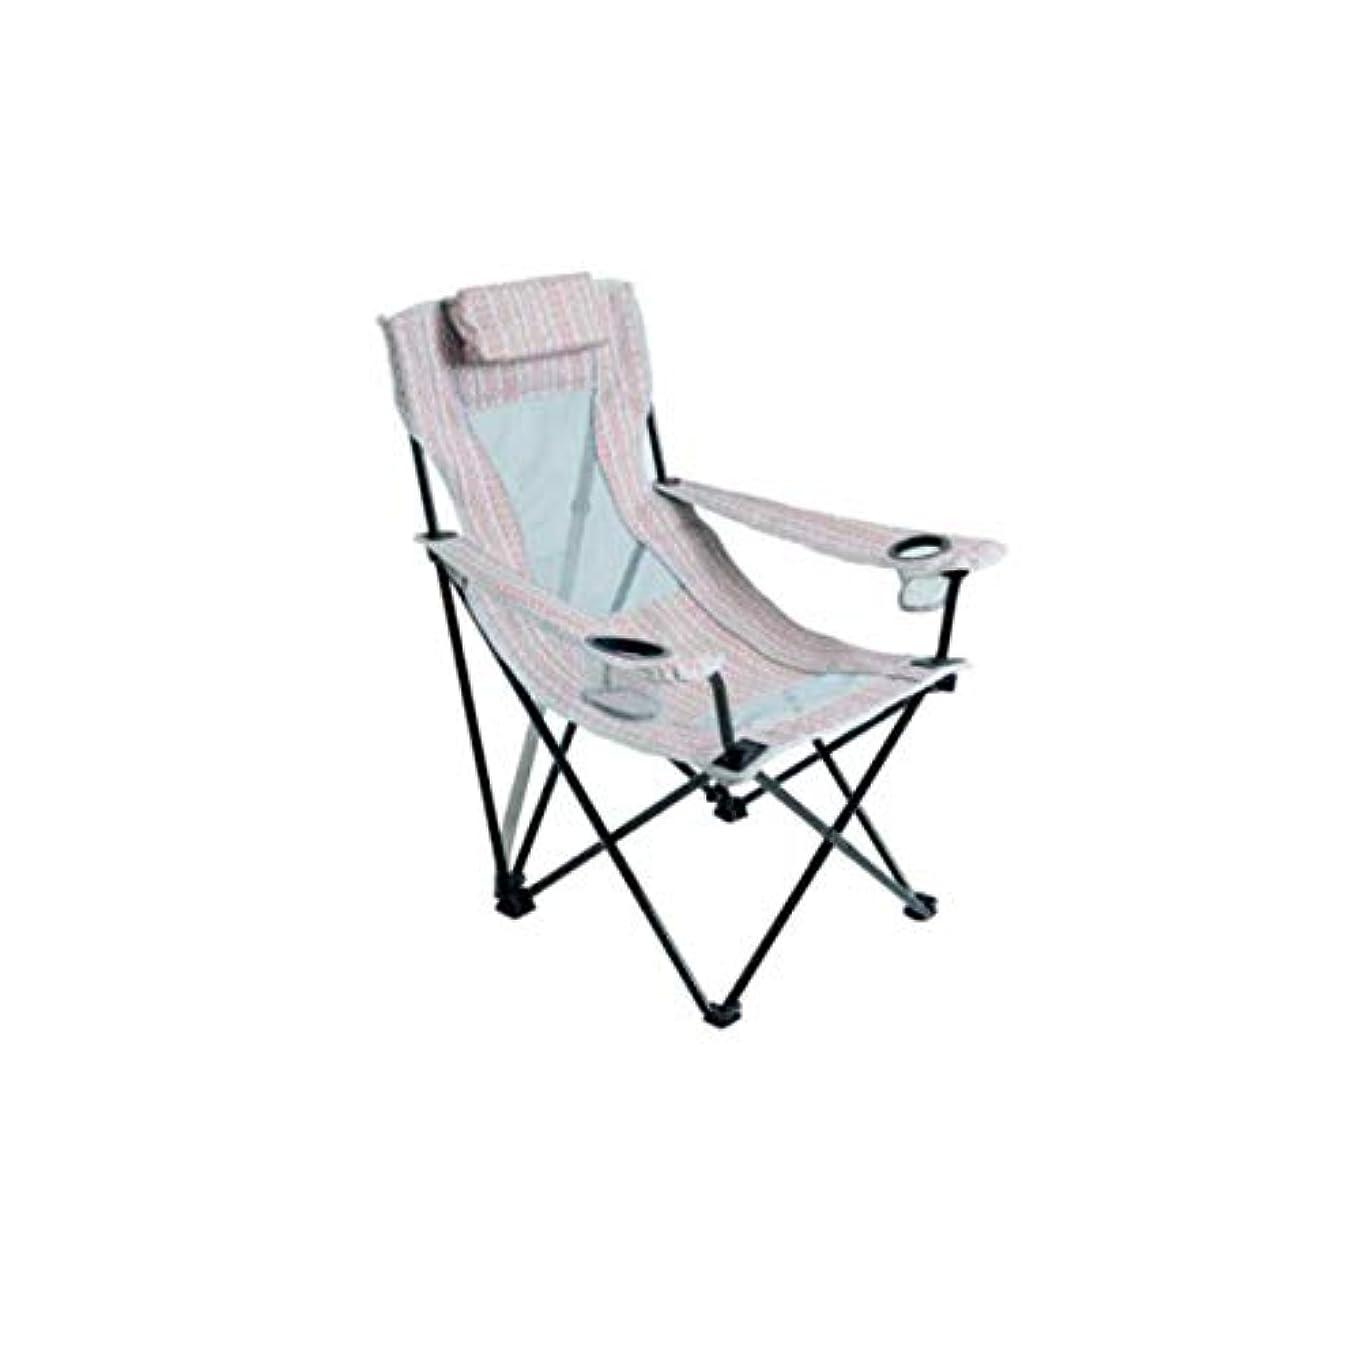 印象的切断するパーティションSHENGSHIHUIZHONG アウトドアクラップストゥルース、キャンピングカーのポーズ、夏の旅行、Tragbarer Sessel、Camping-Mittagspause Stuhl (Color : Multi-colored)